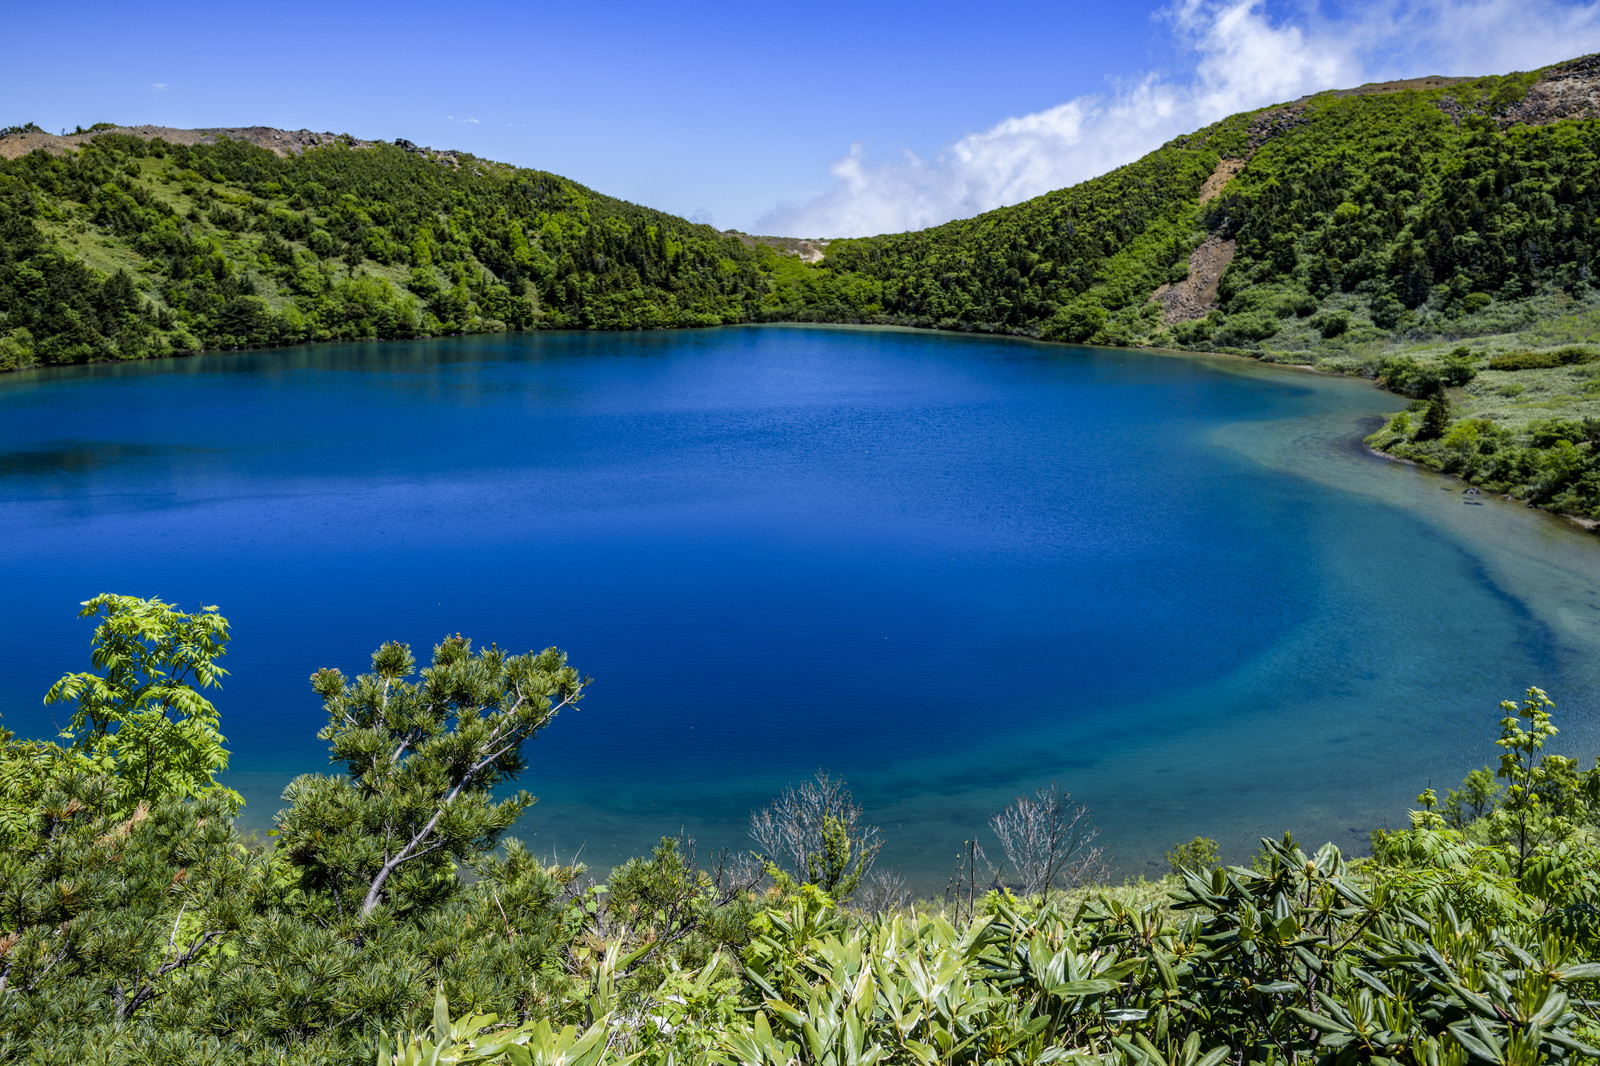 「神秘的な青いカルデラ湖(魔女の瞳)」の写真